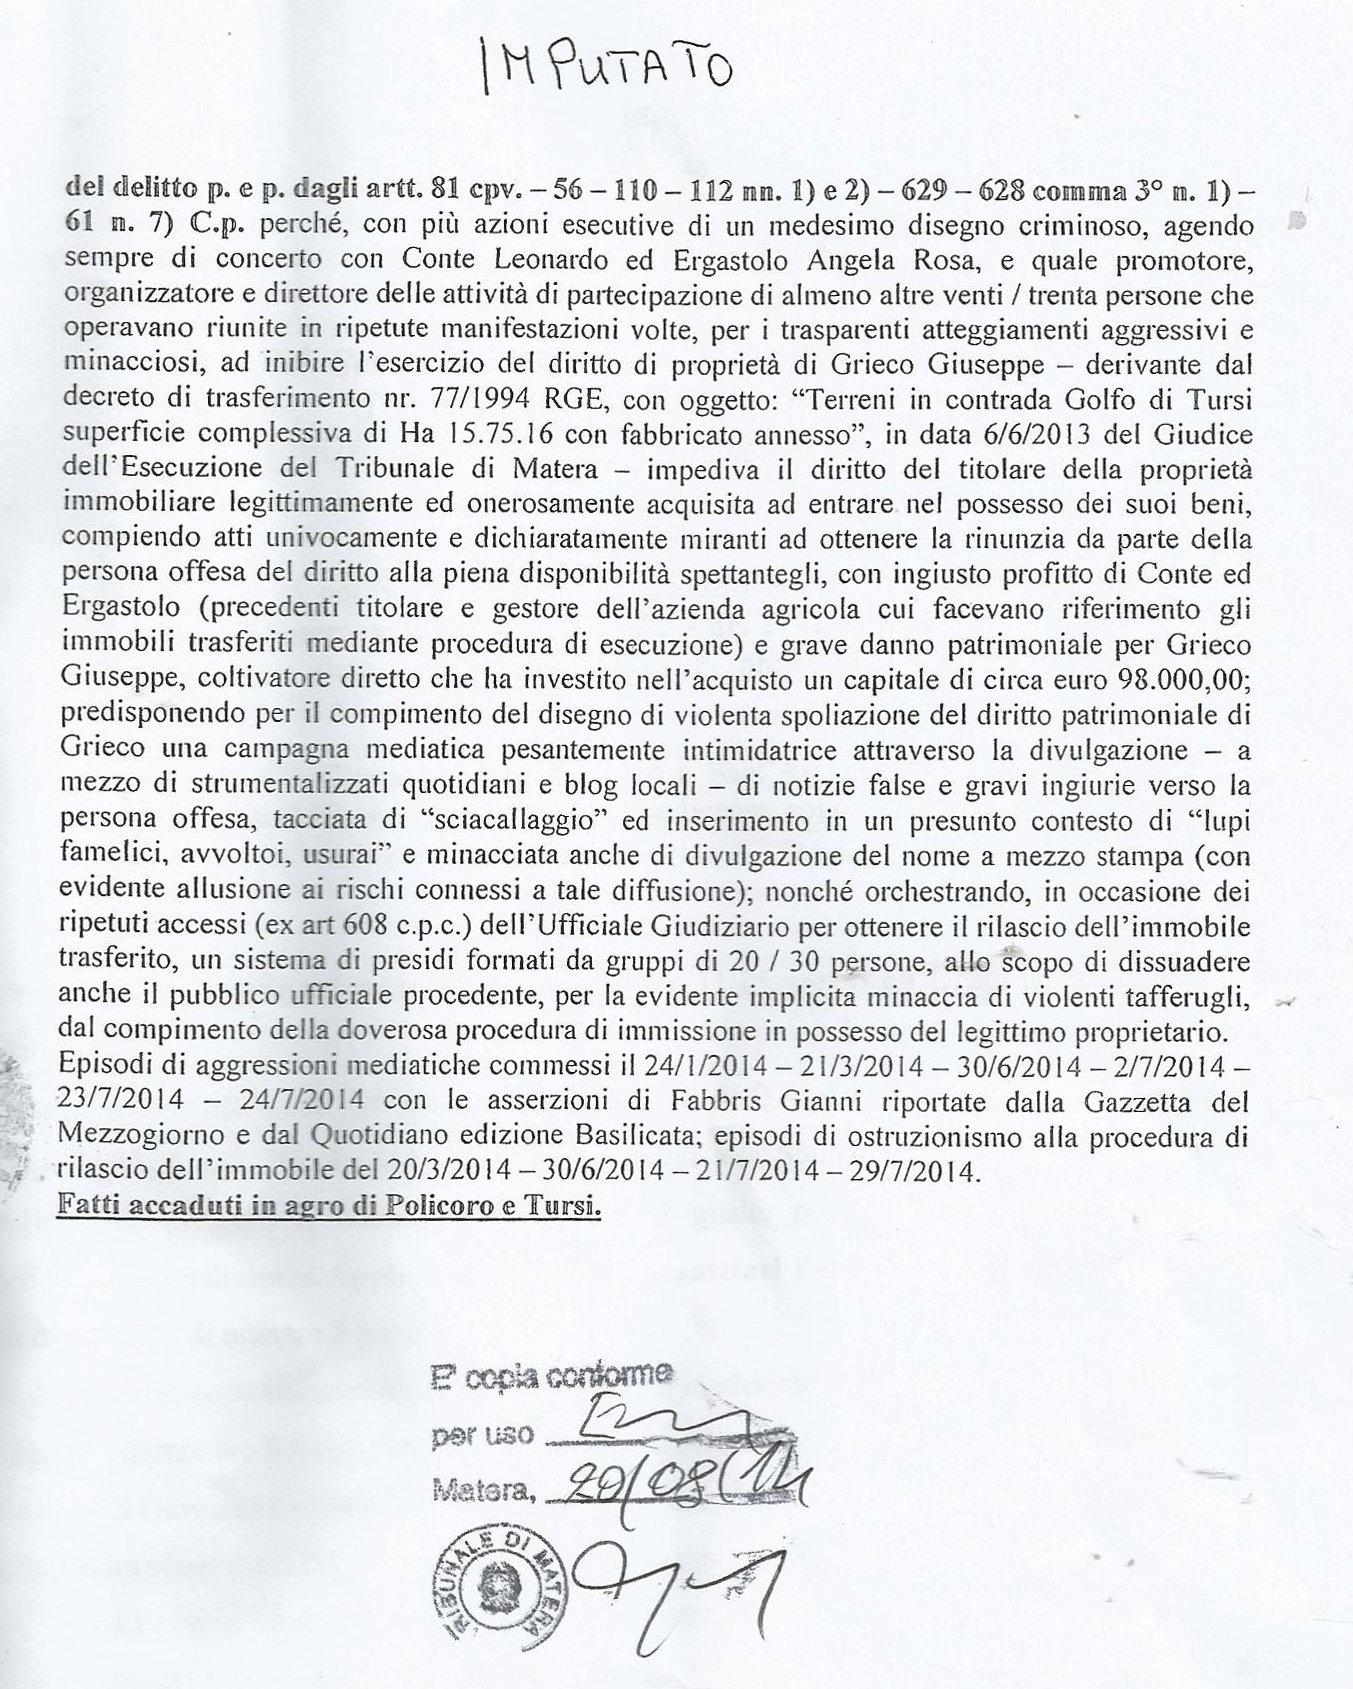 Le accuse della Procura della Repubblica di Matera a Fabbris